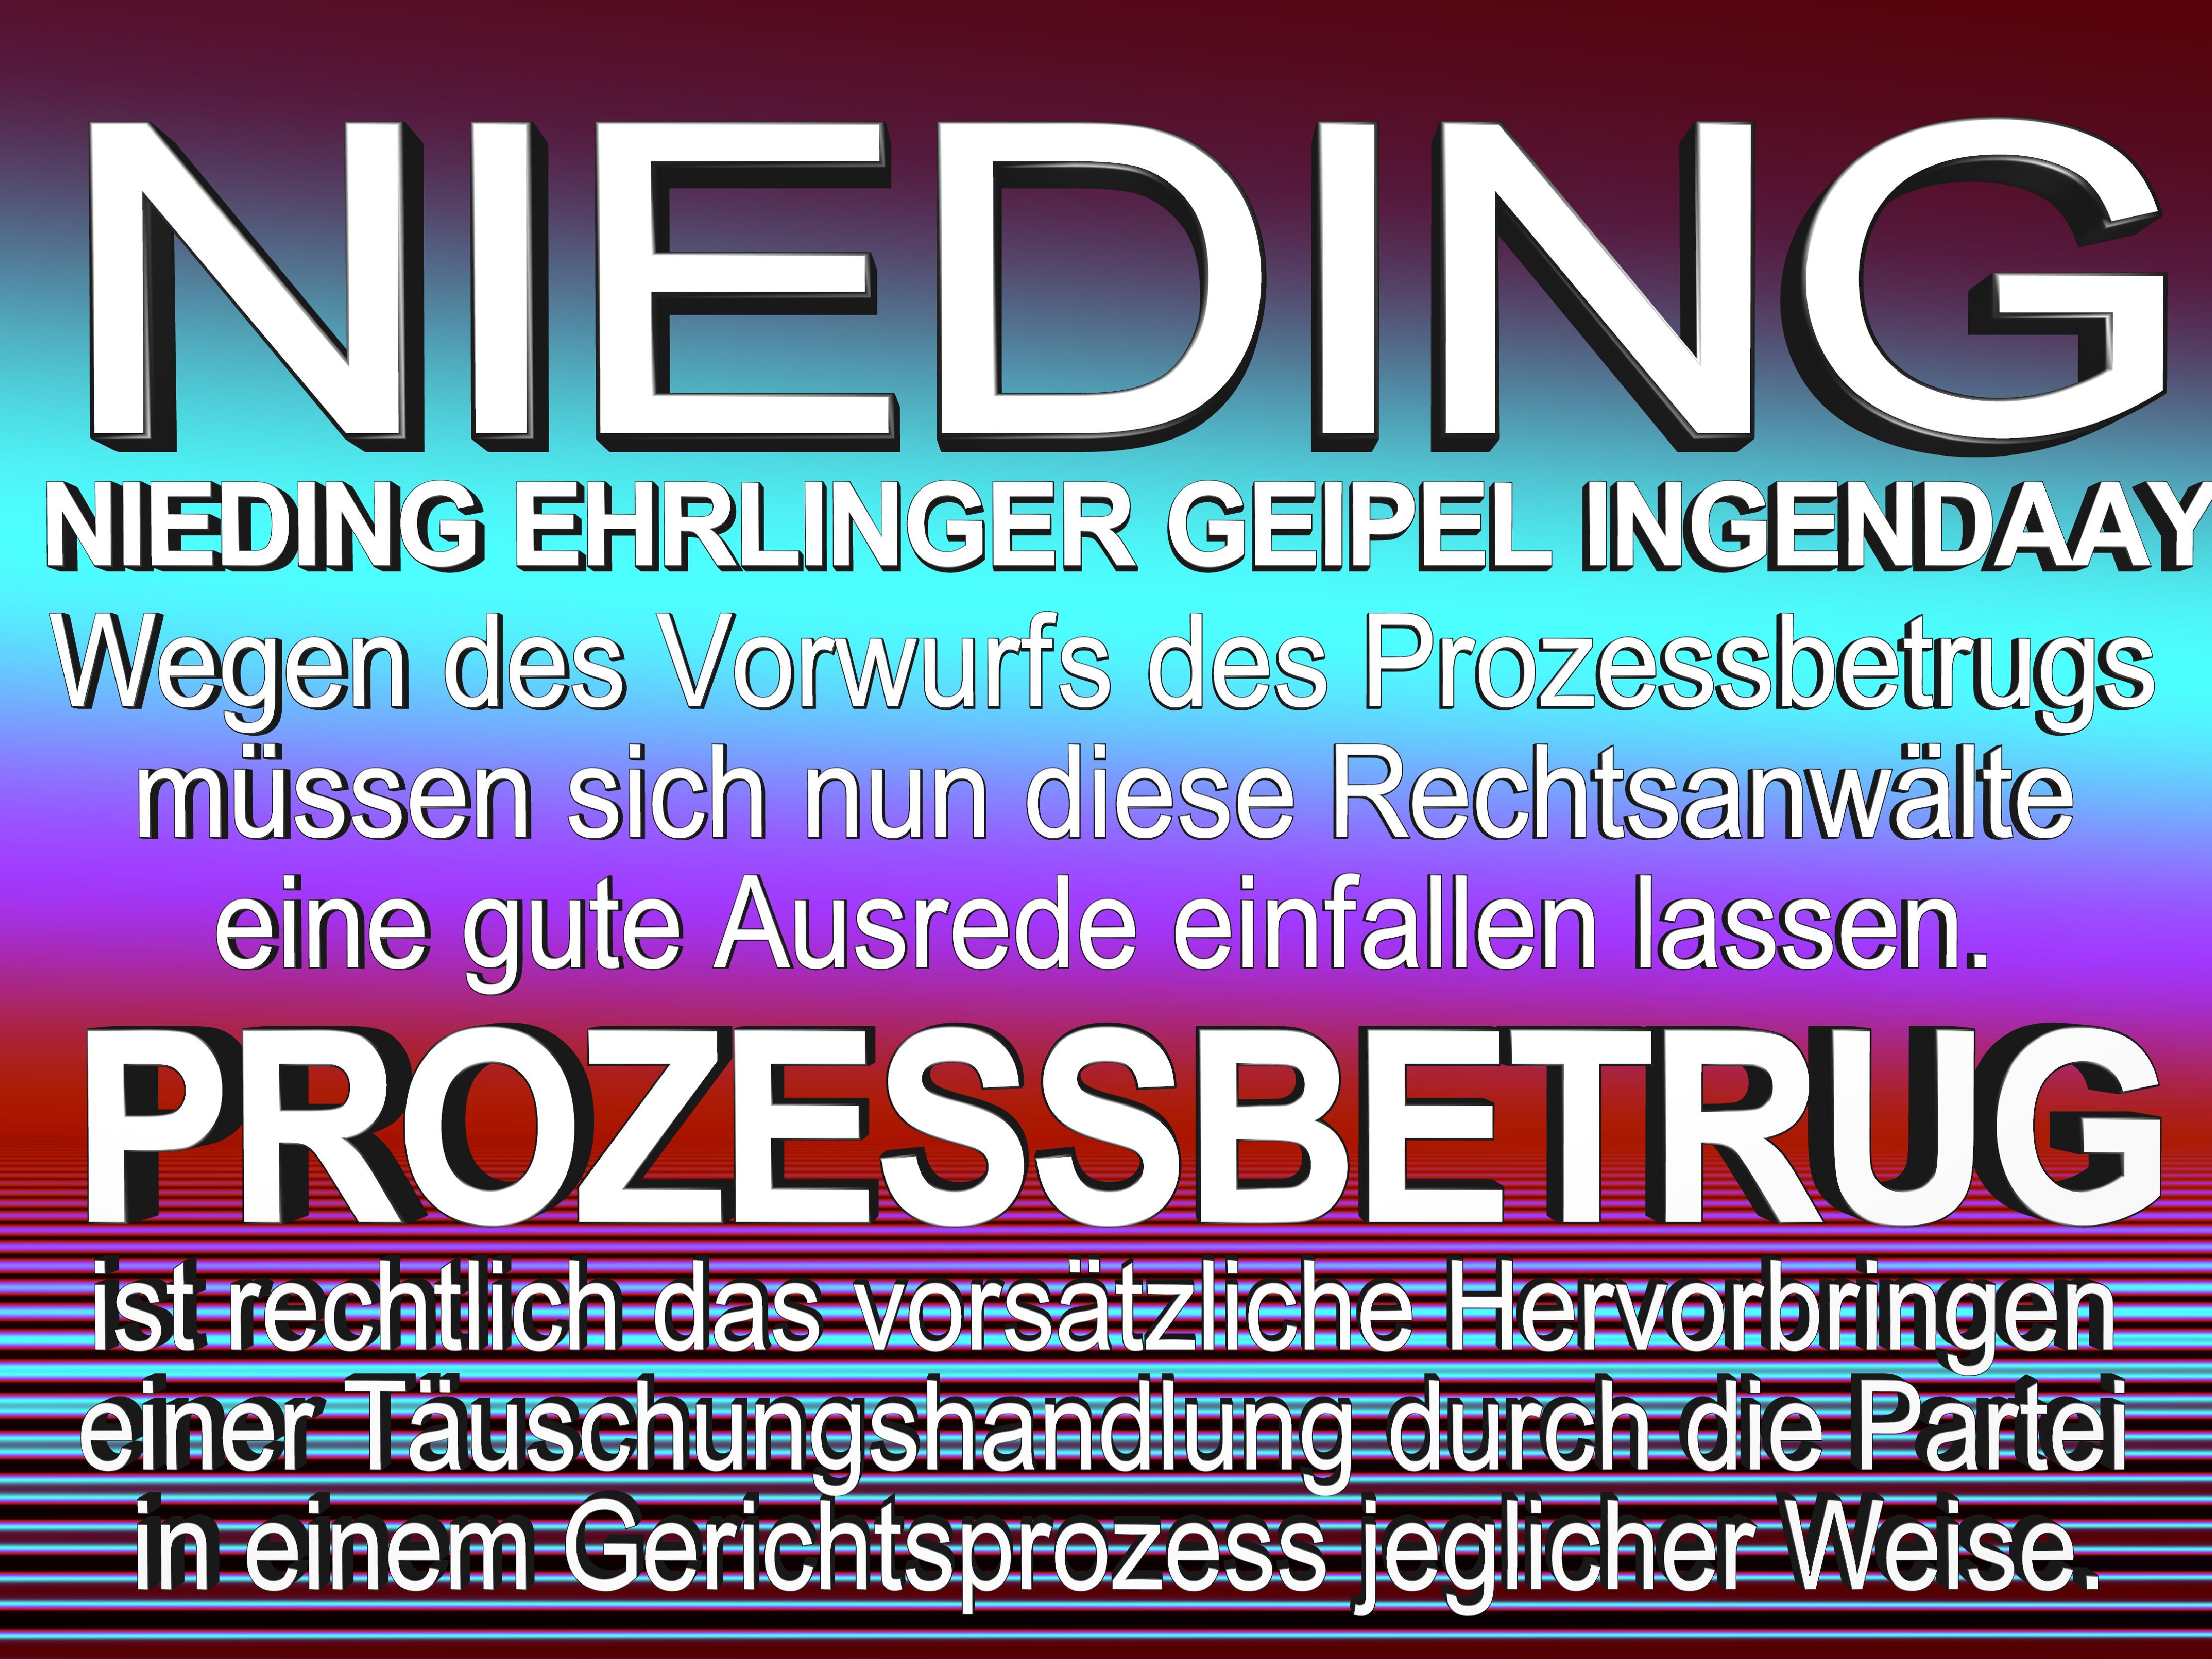 NIEDING EHRLINGER GEIPEL INGENDAAY LELKE Kurfürstendamm 66 Berlin (73)